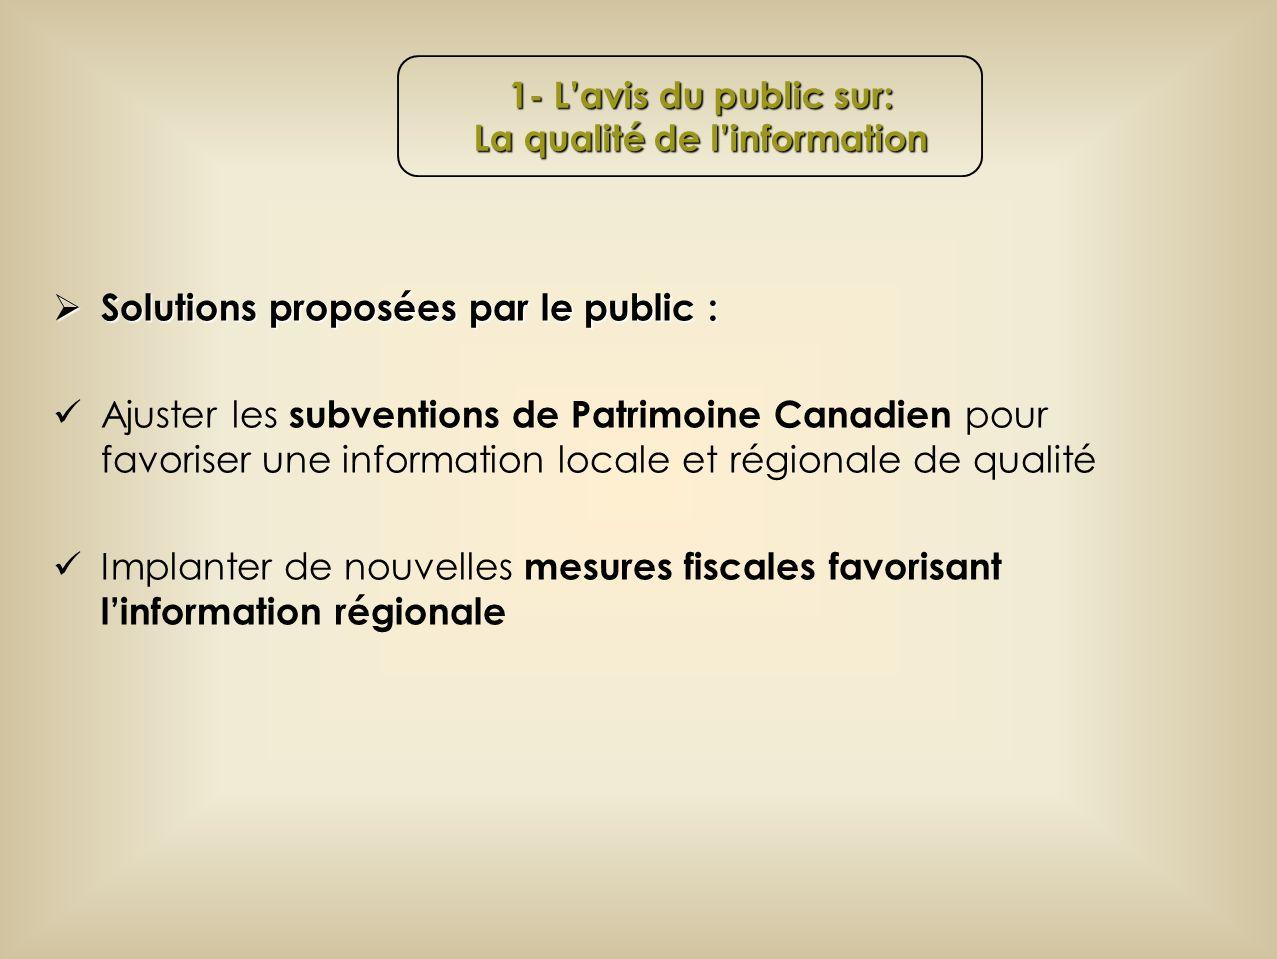 Solutions proposées par le public : Solutions proposées par le public : Ajuster les subventions de Patrimoine Canadien pour favoriser une information locale et régionale de qualité Implanter de nouvelles mesures fiscales favorisant linformation régionale 1- Lavis du public sur: La qualité de linformation